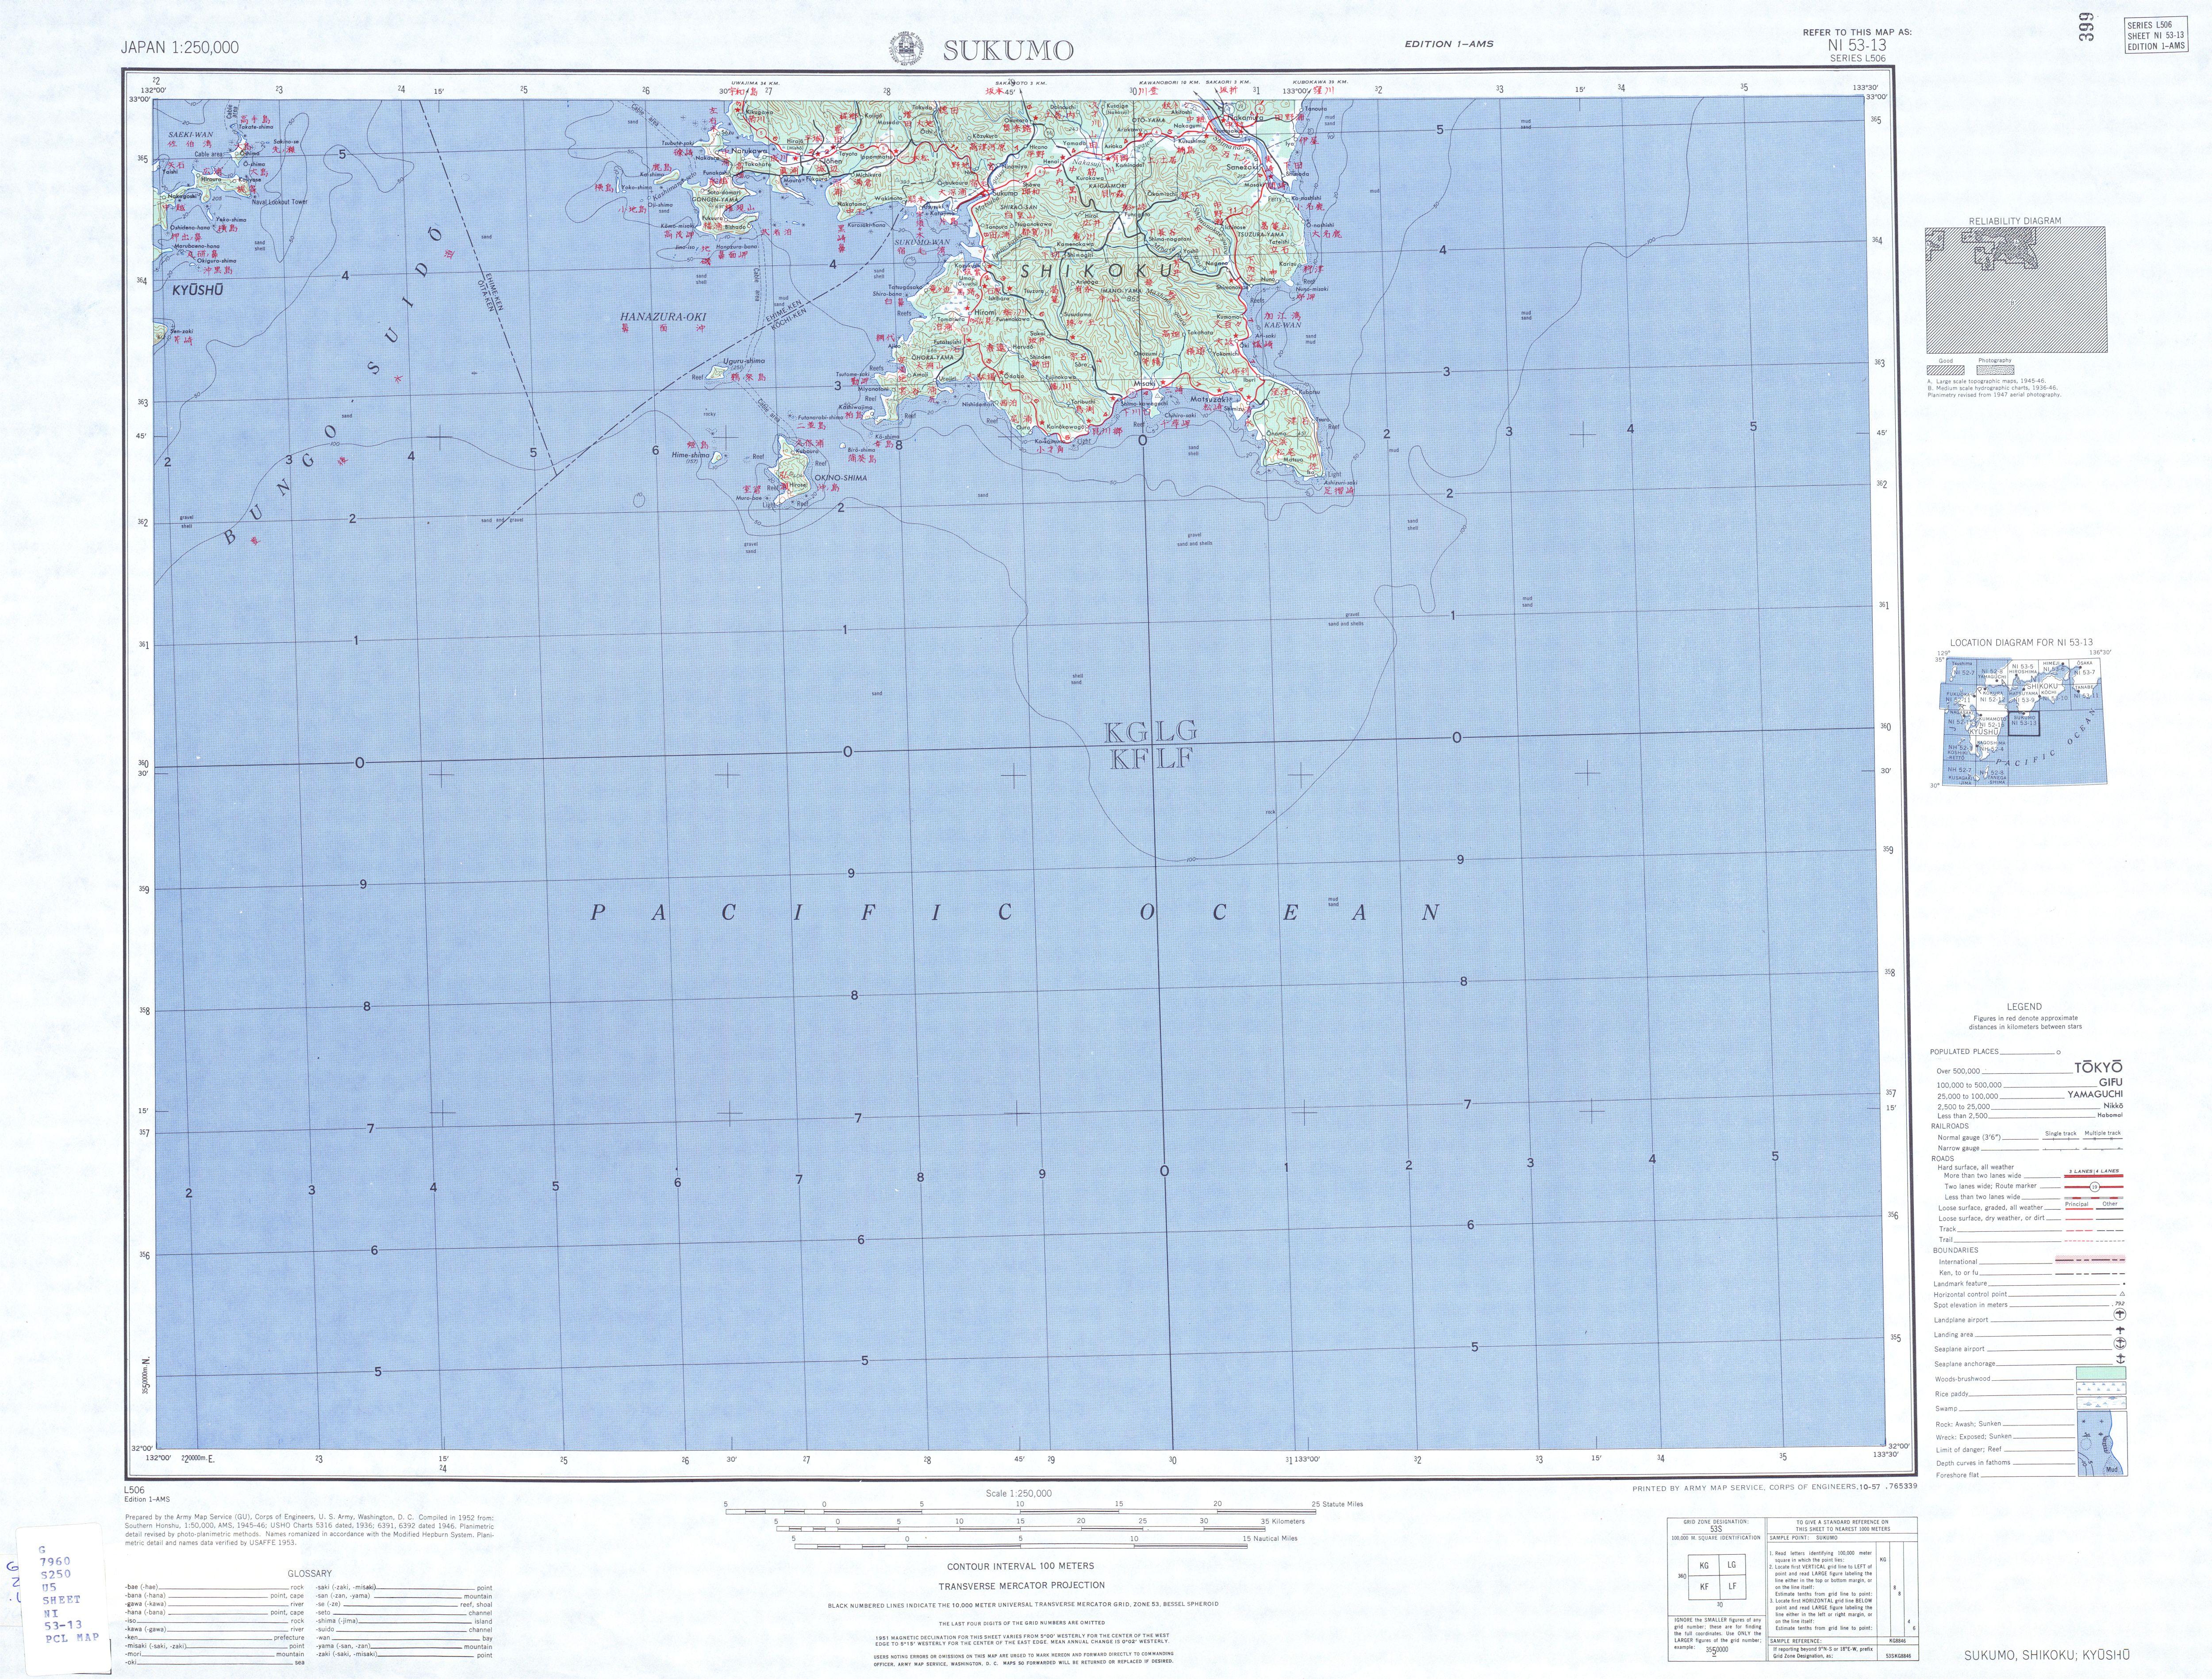 Hoja Sukomo del Mapa Topográfico de Japón 1954